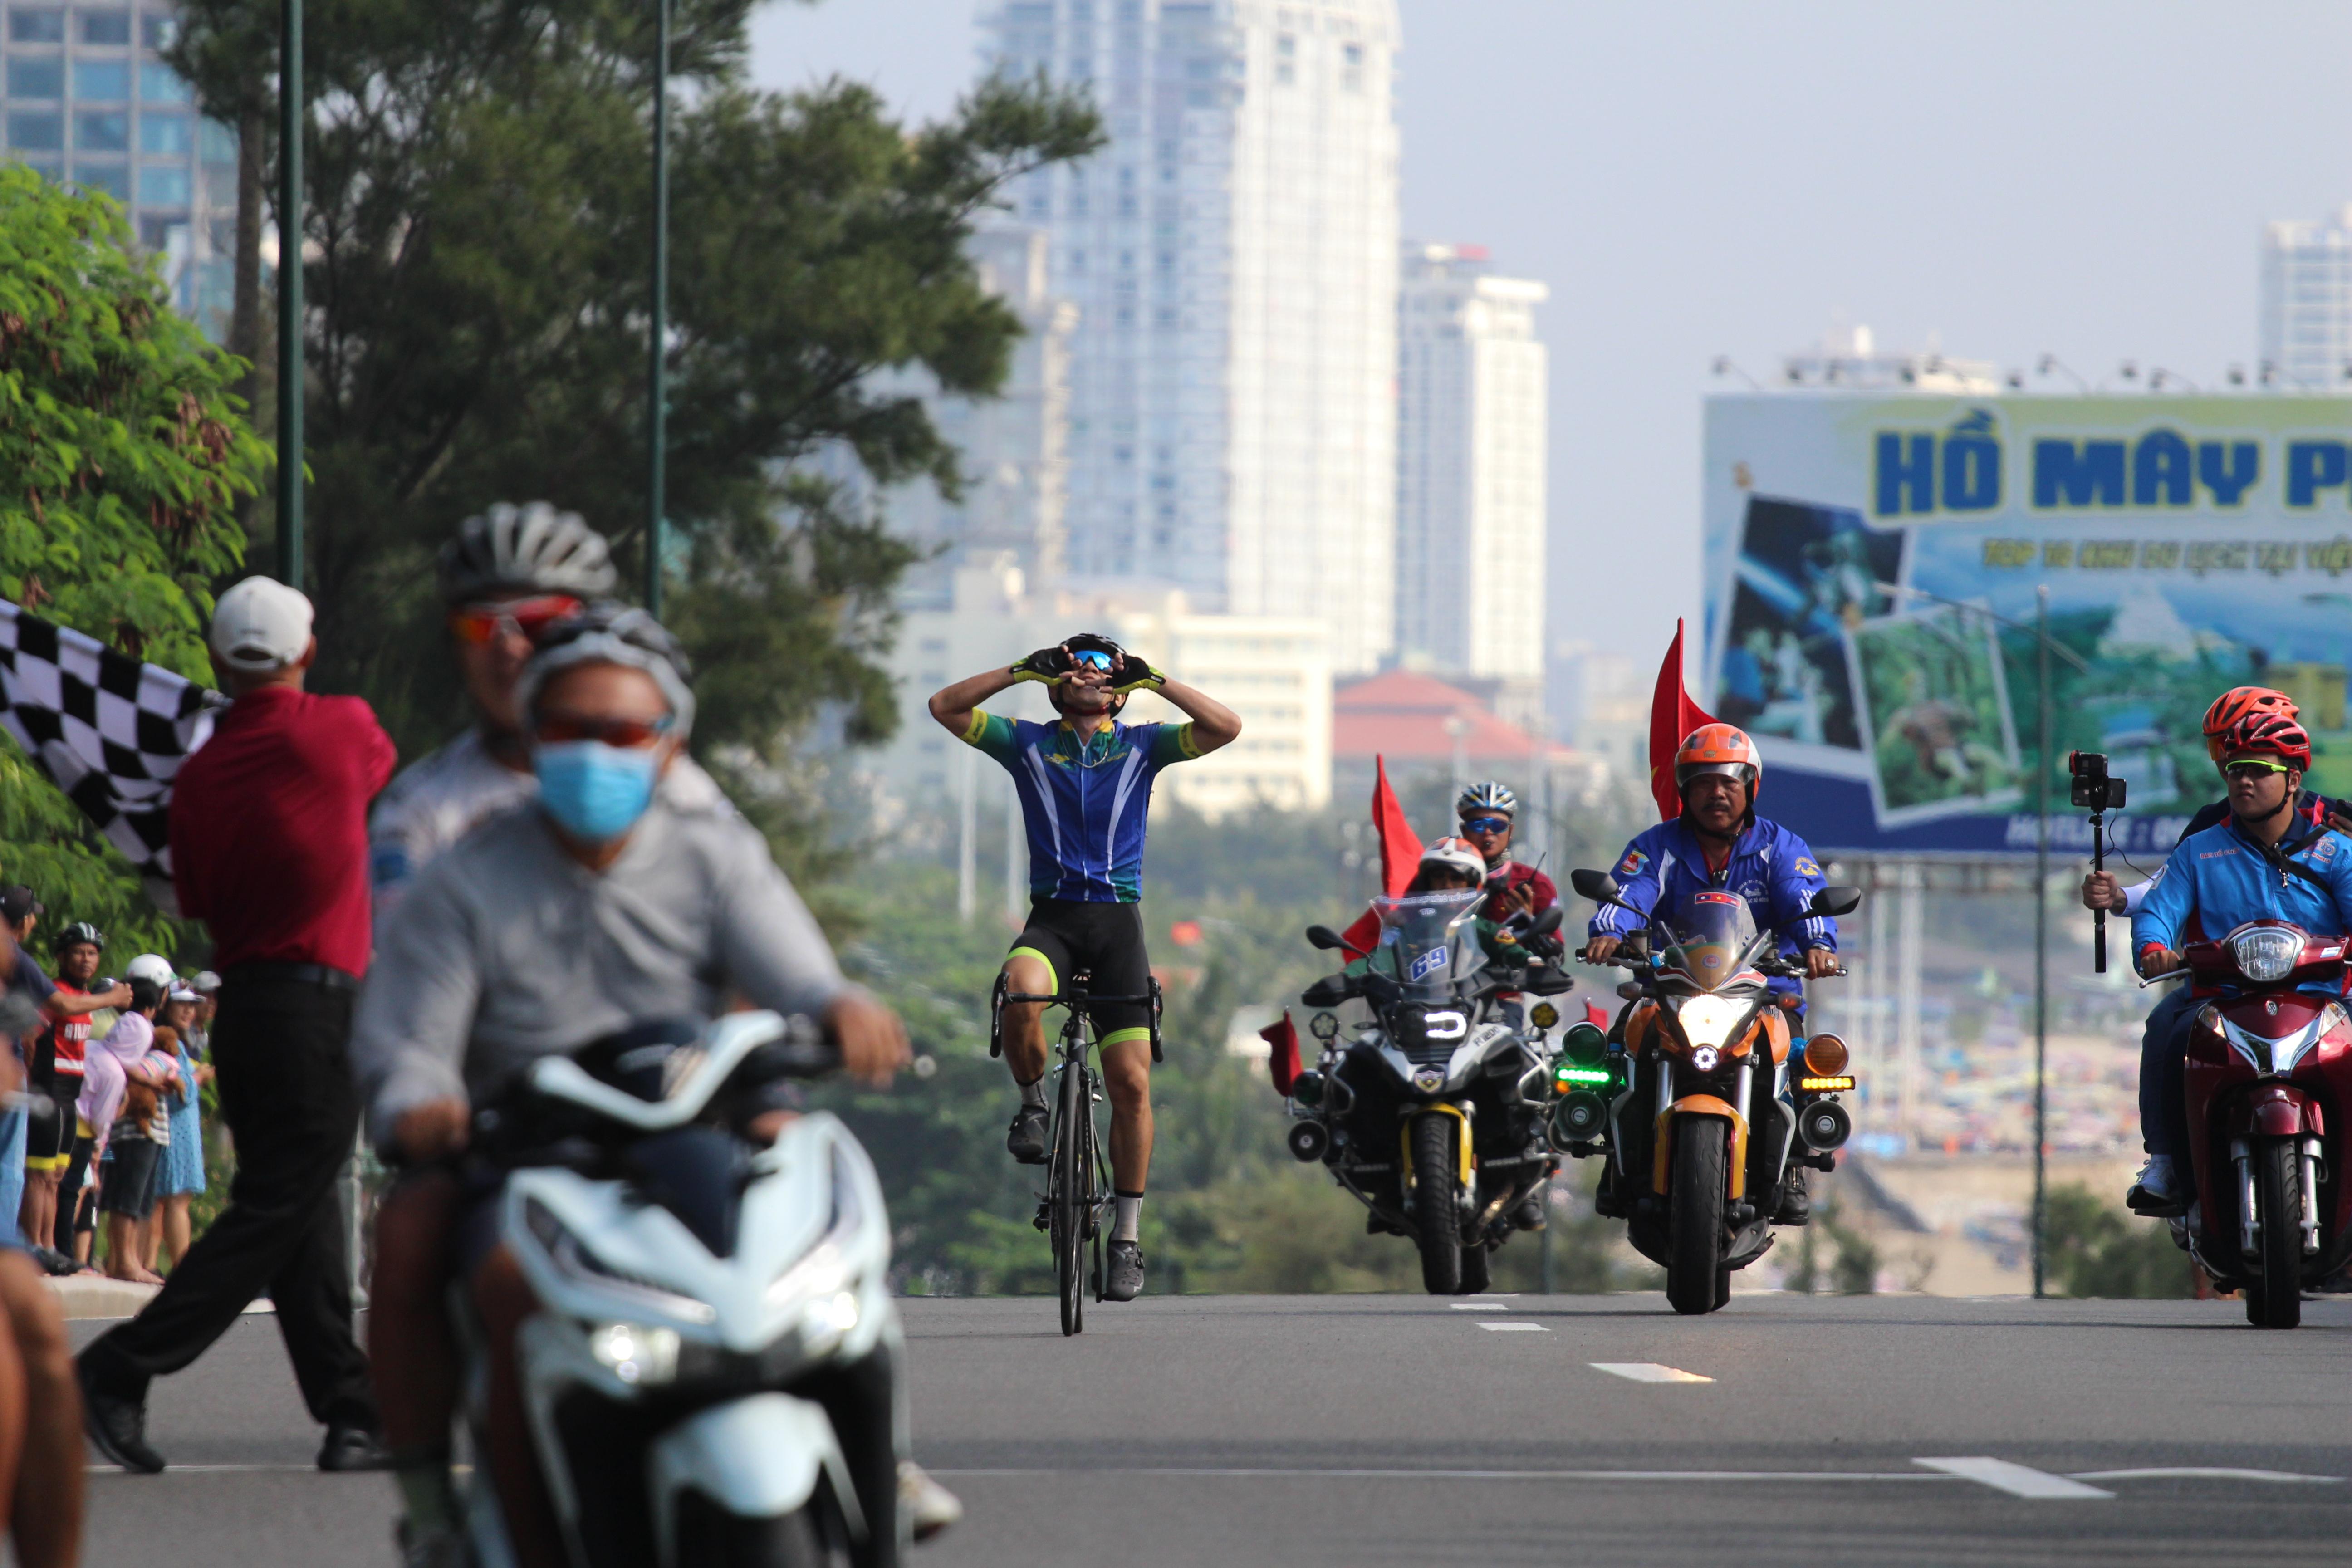 Hình ảnh: Sôi động giải đua xe đạp tỉnh Bà Rịa - Vũng Tàu mở rộng 2020 số 4